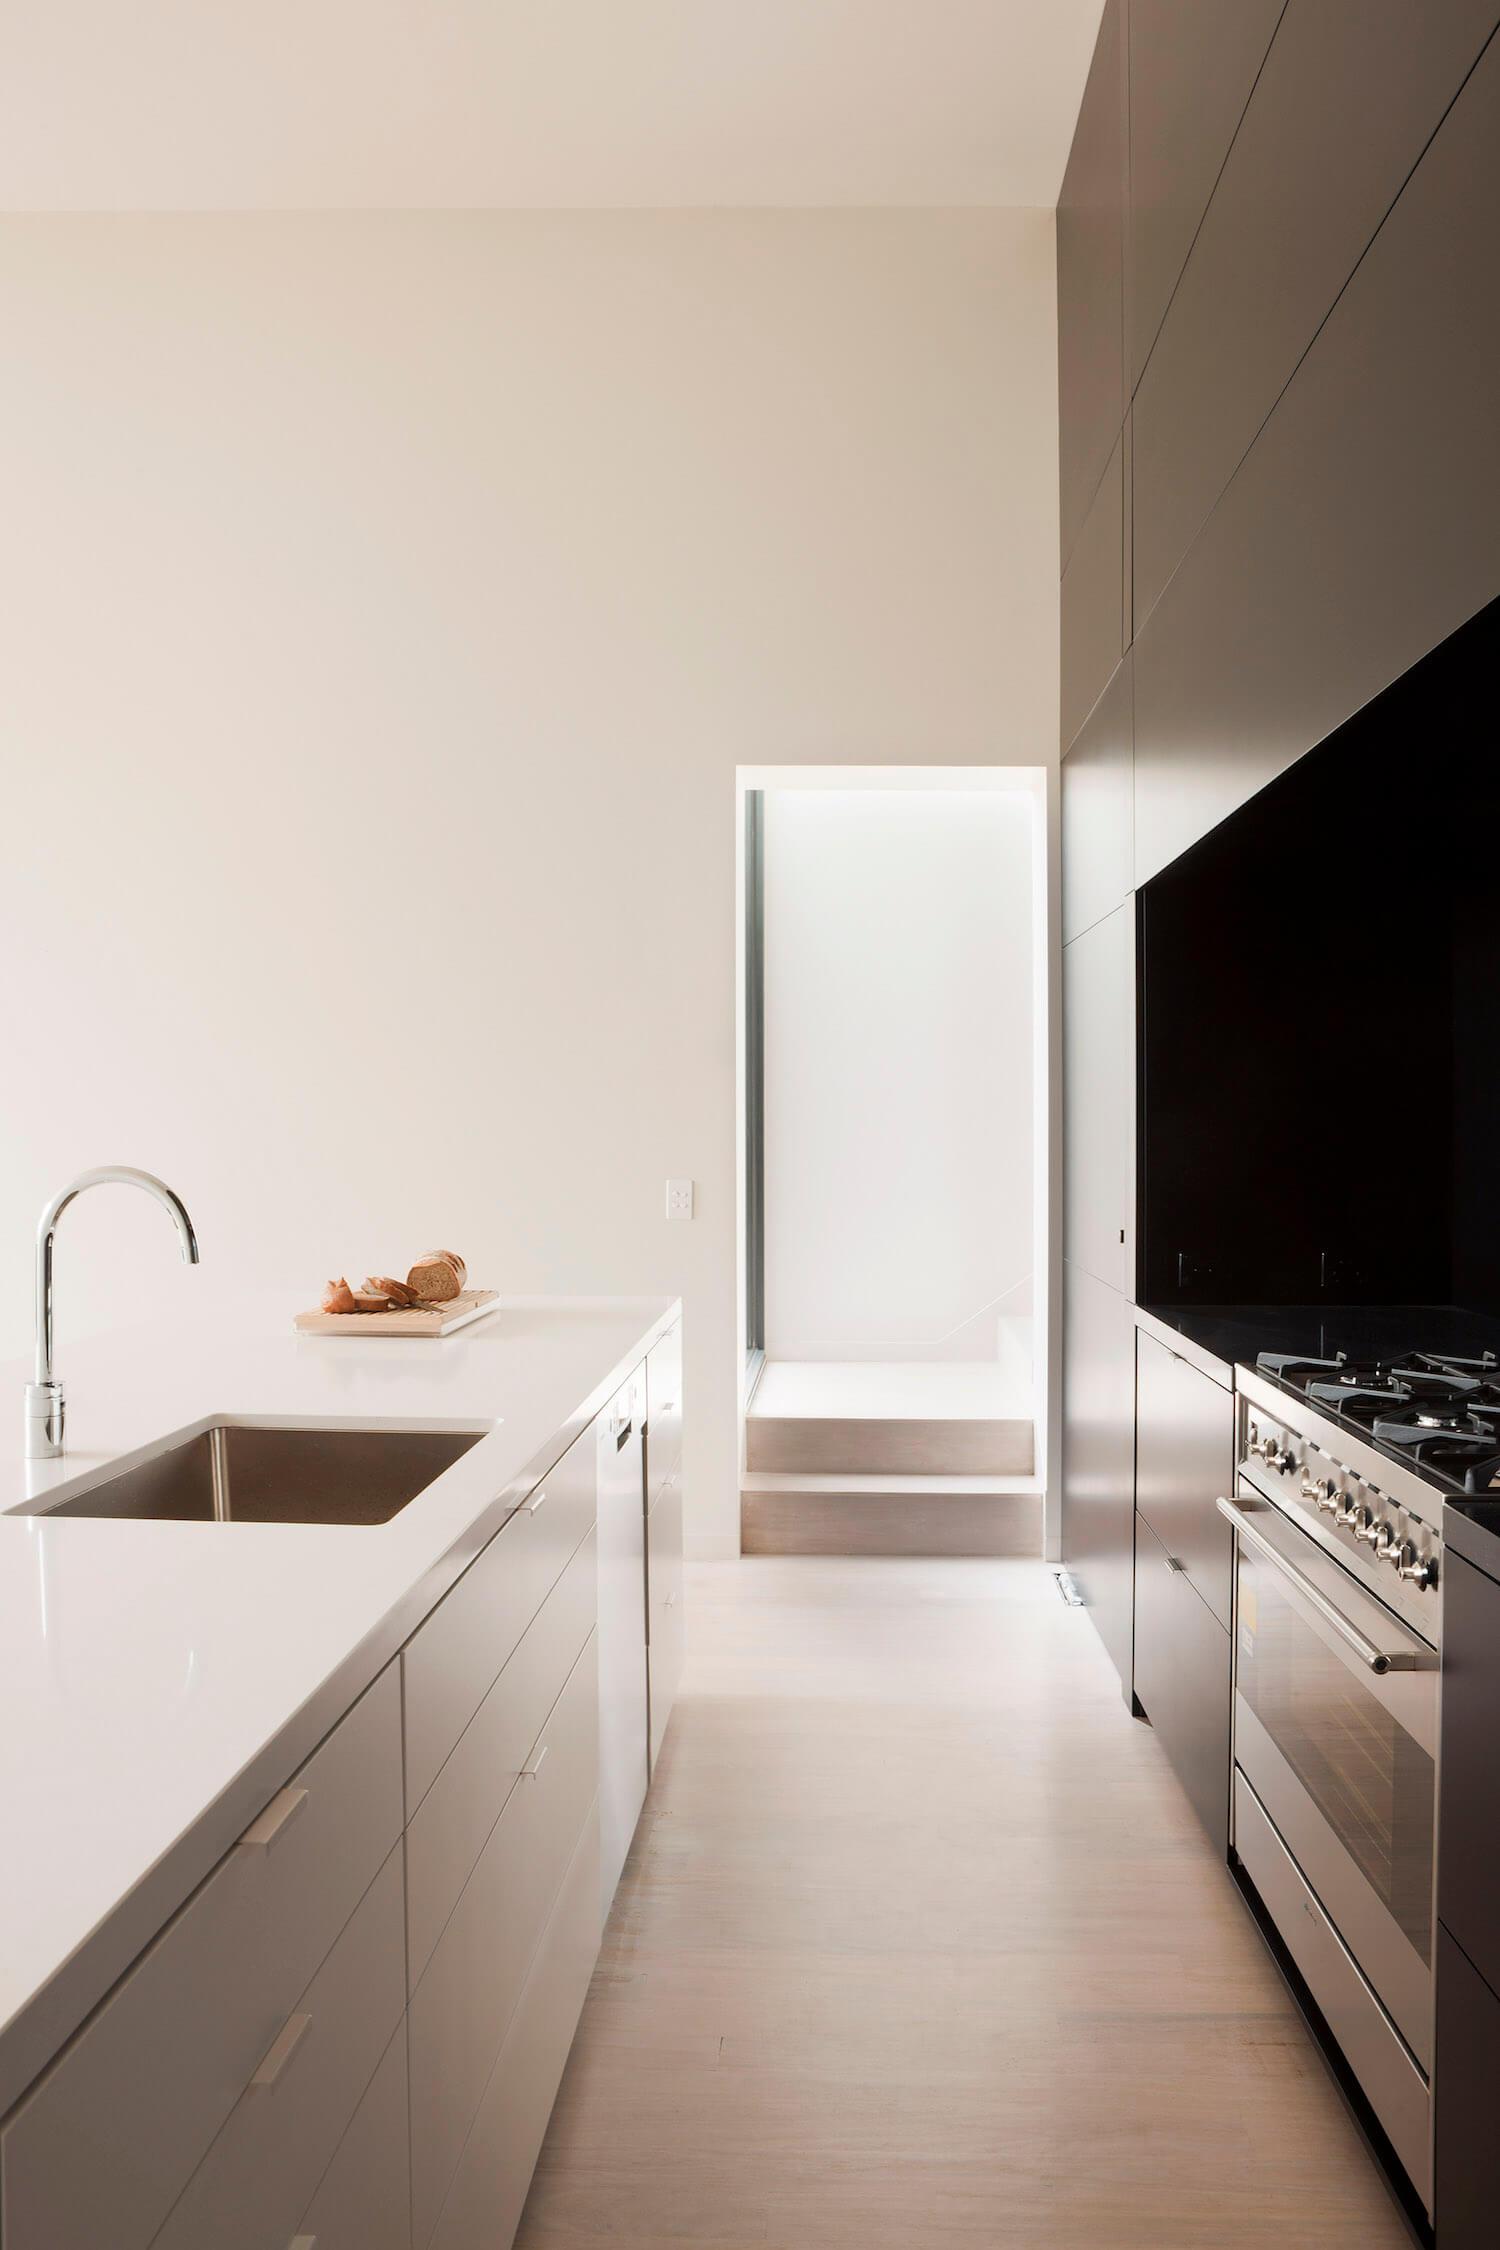 est living australian interiors studiofour ridge road residence image 10